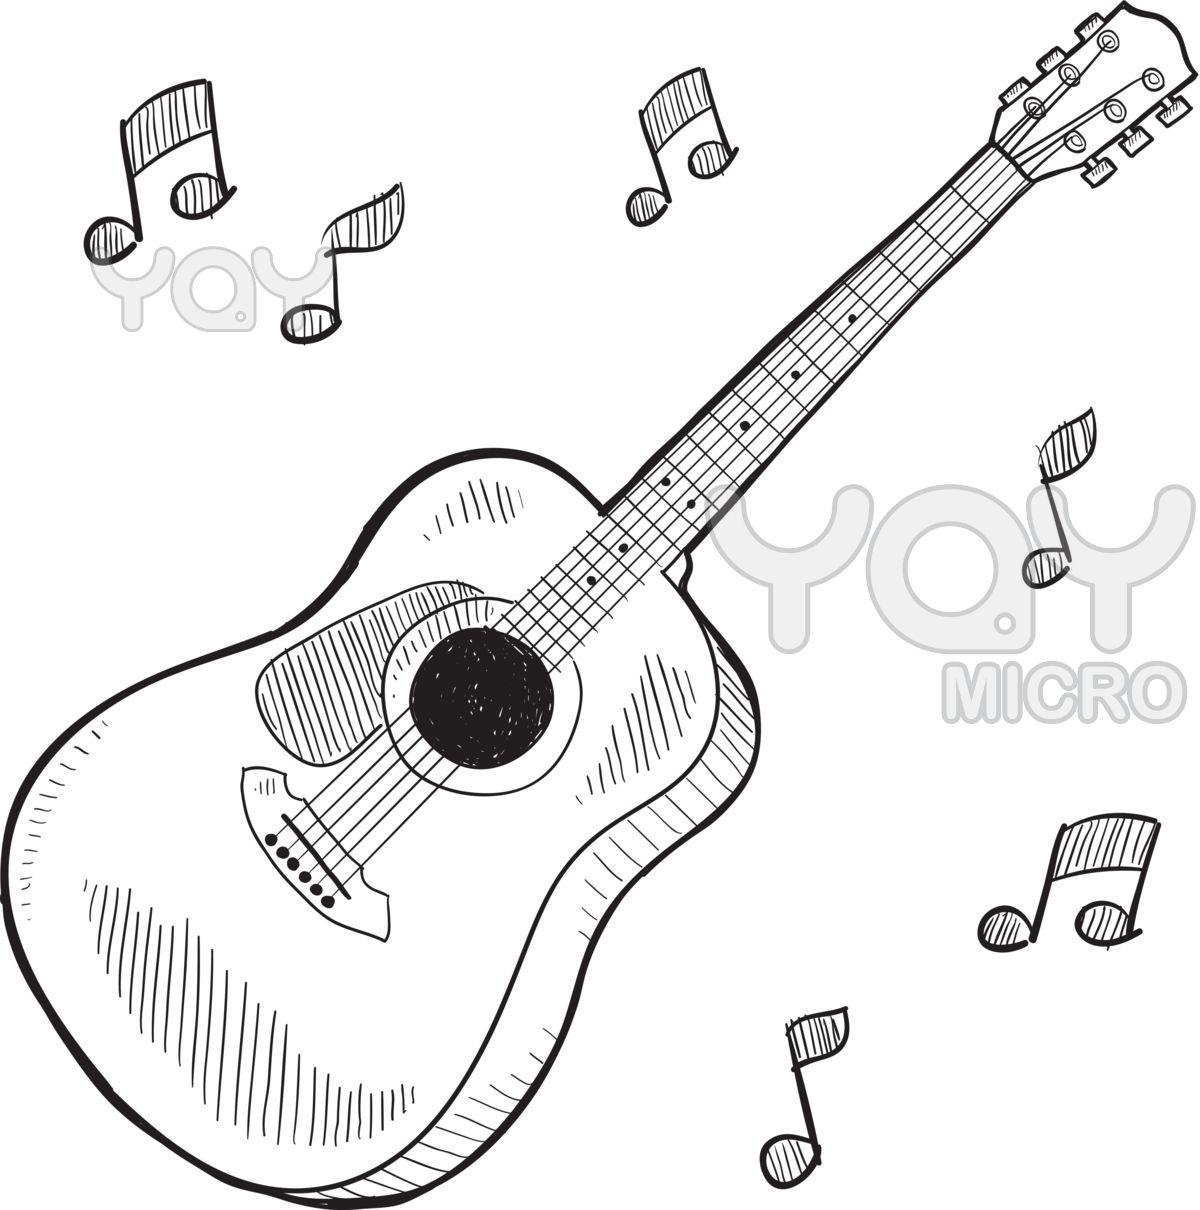 Guitar Coloring Pages Guitar drawing, Guitar